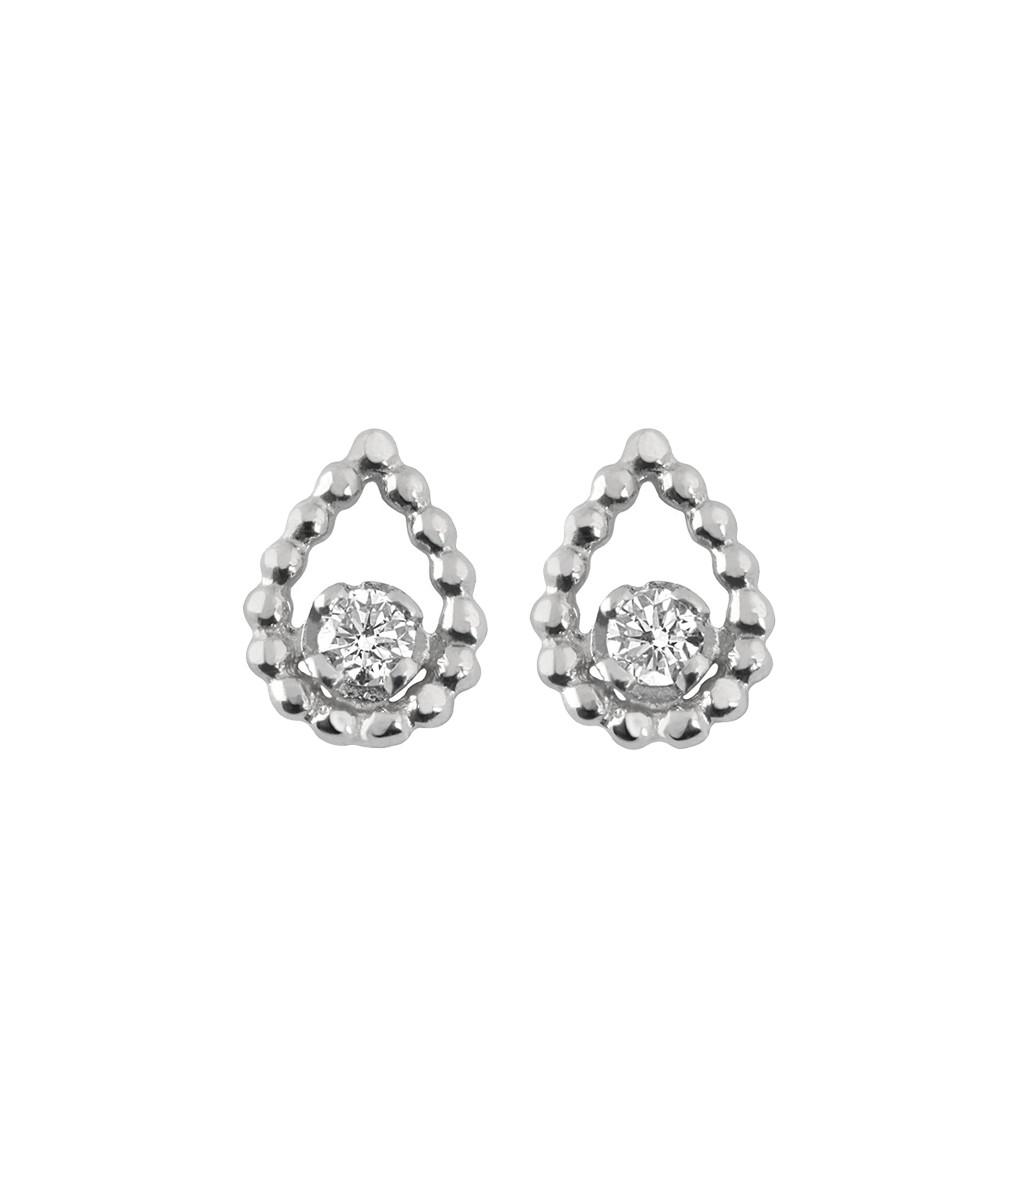 GIGI CLOZEAU - Boucles d'oreilles Poire Diamants